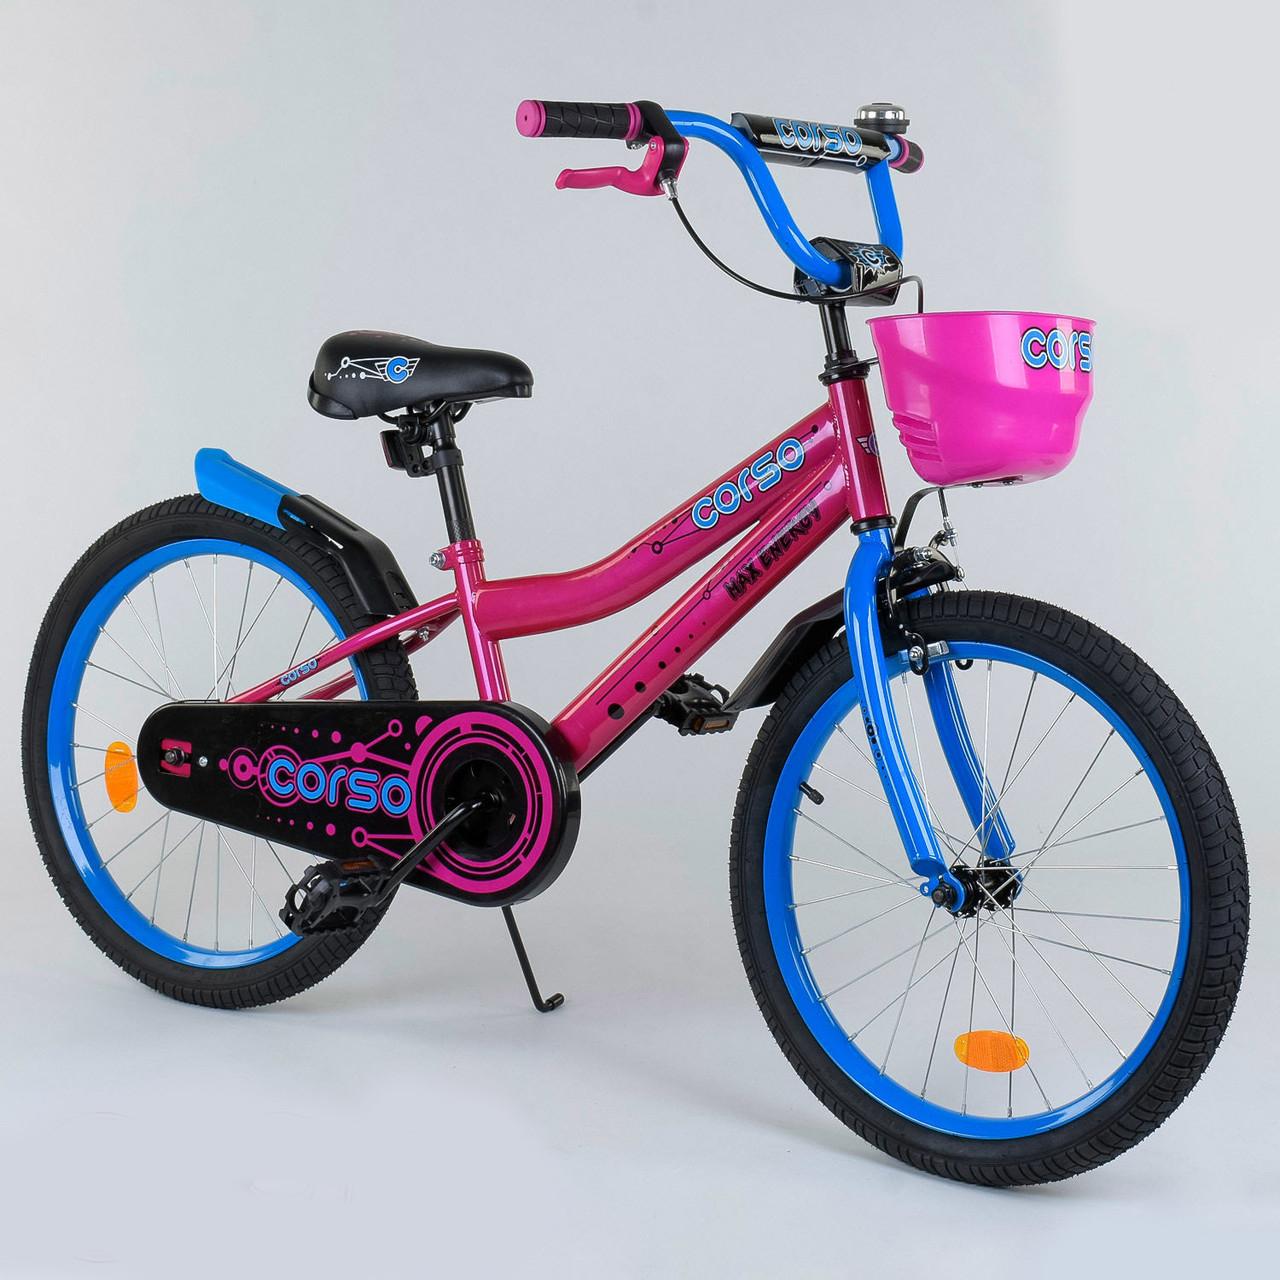 """Дитячий двоколісний велосипед 20"""" з ручним гальмом металевими дисками і кошиком Corso 20498 рожевий"""